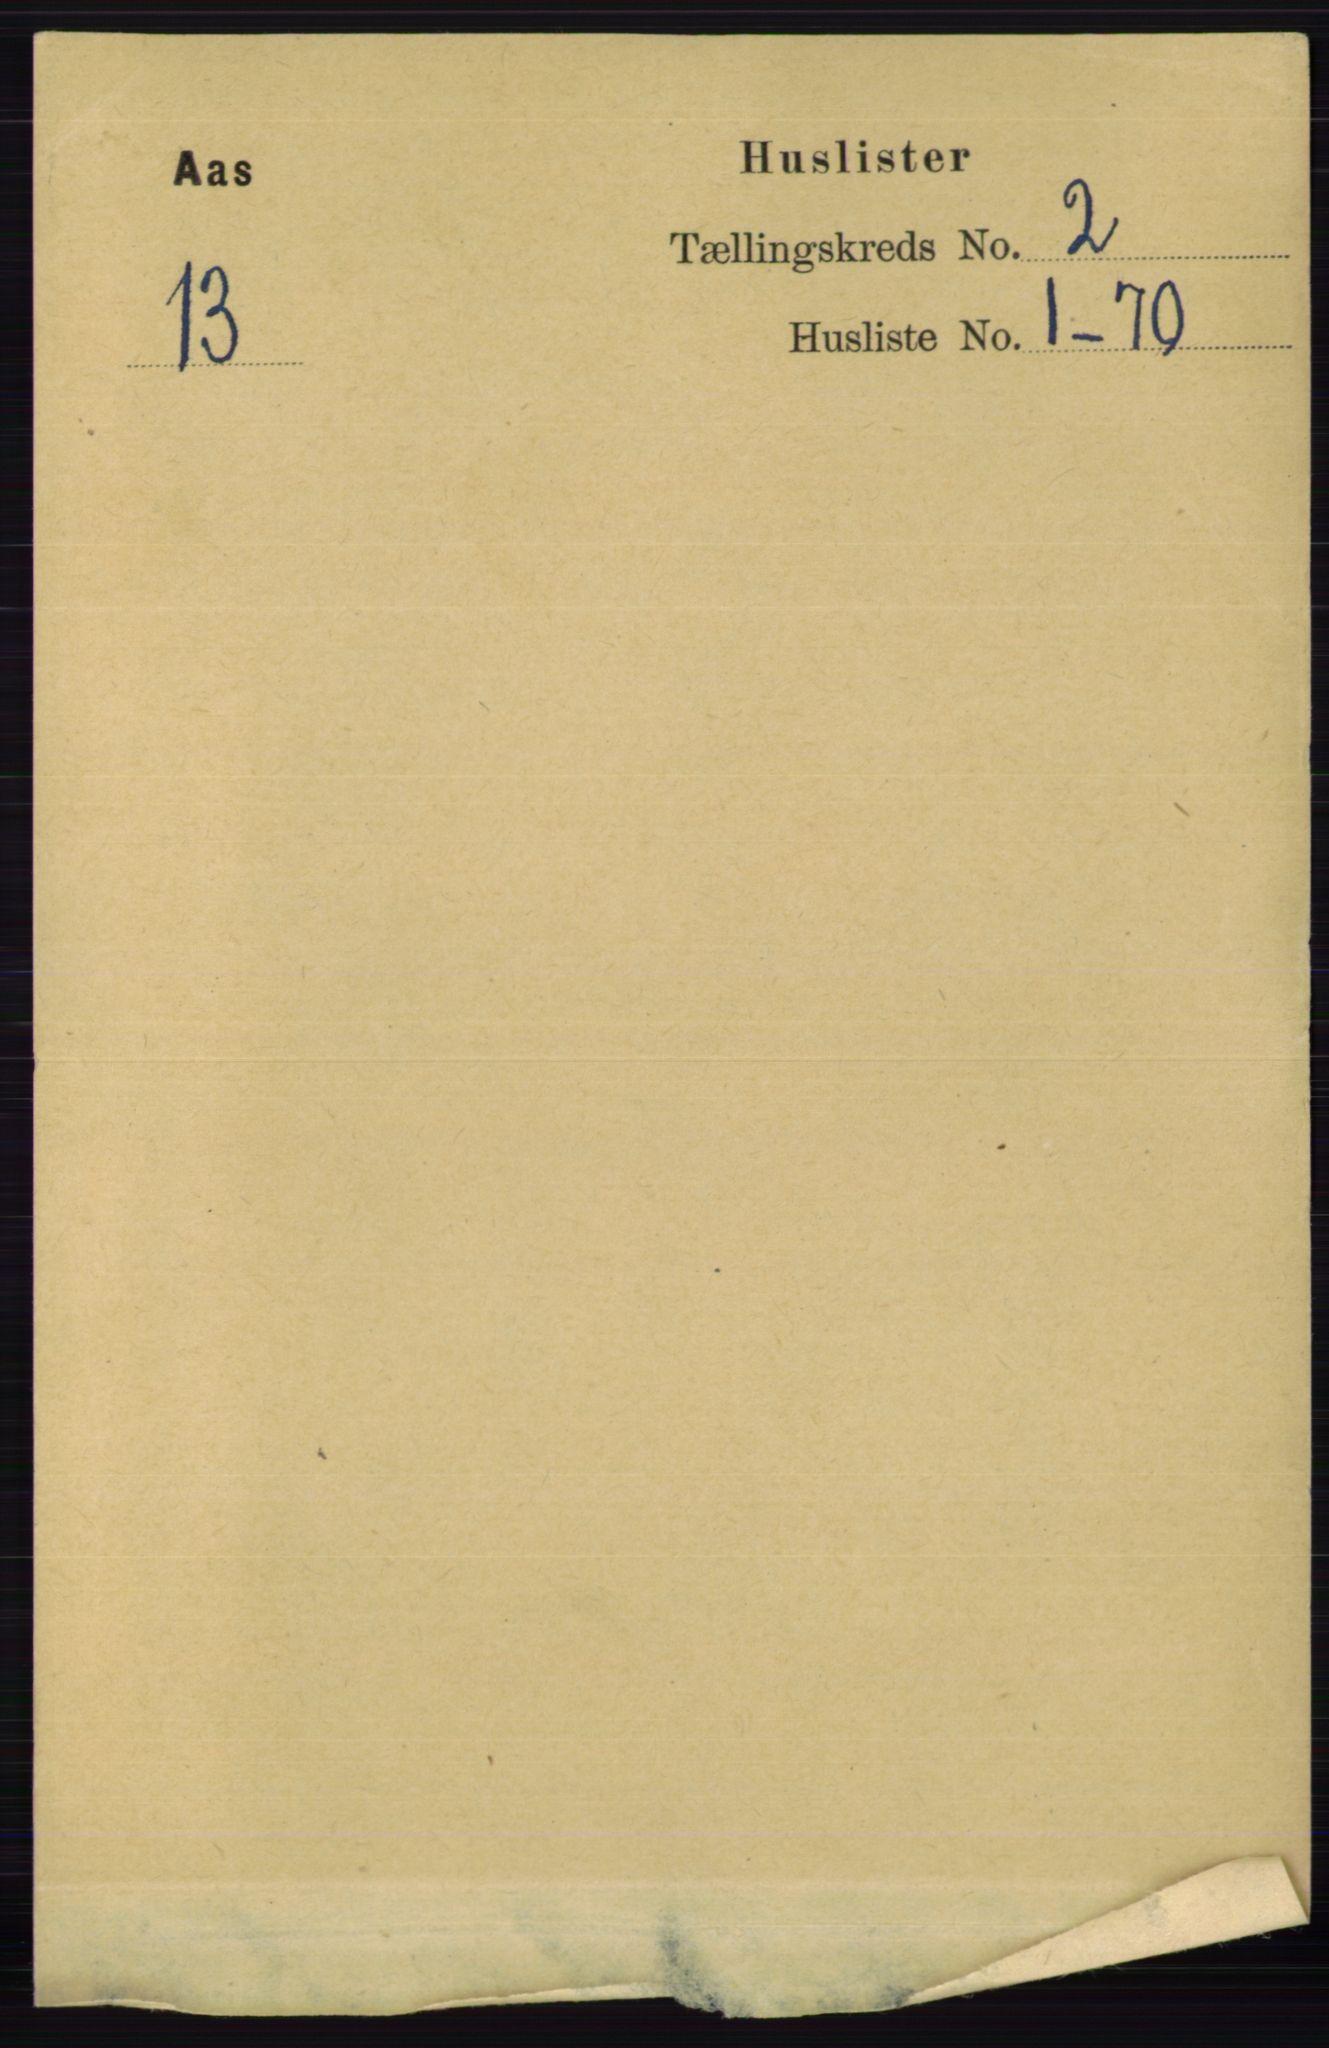 RA, Folketelling 1891 for 0214 Ås herred, 1891, s. 1502